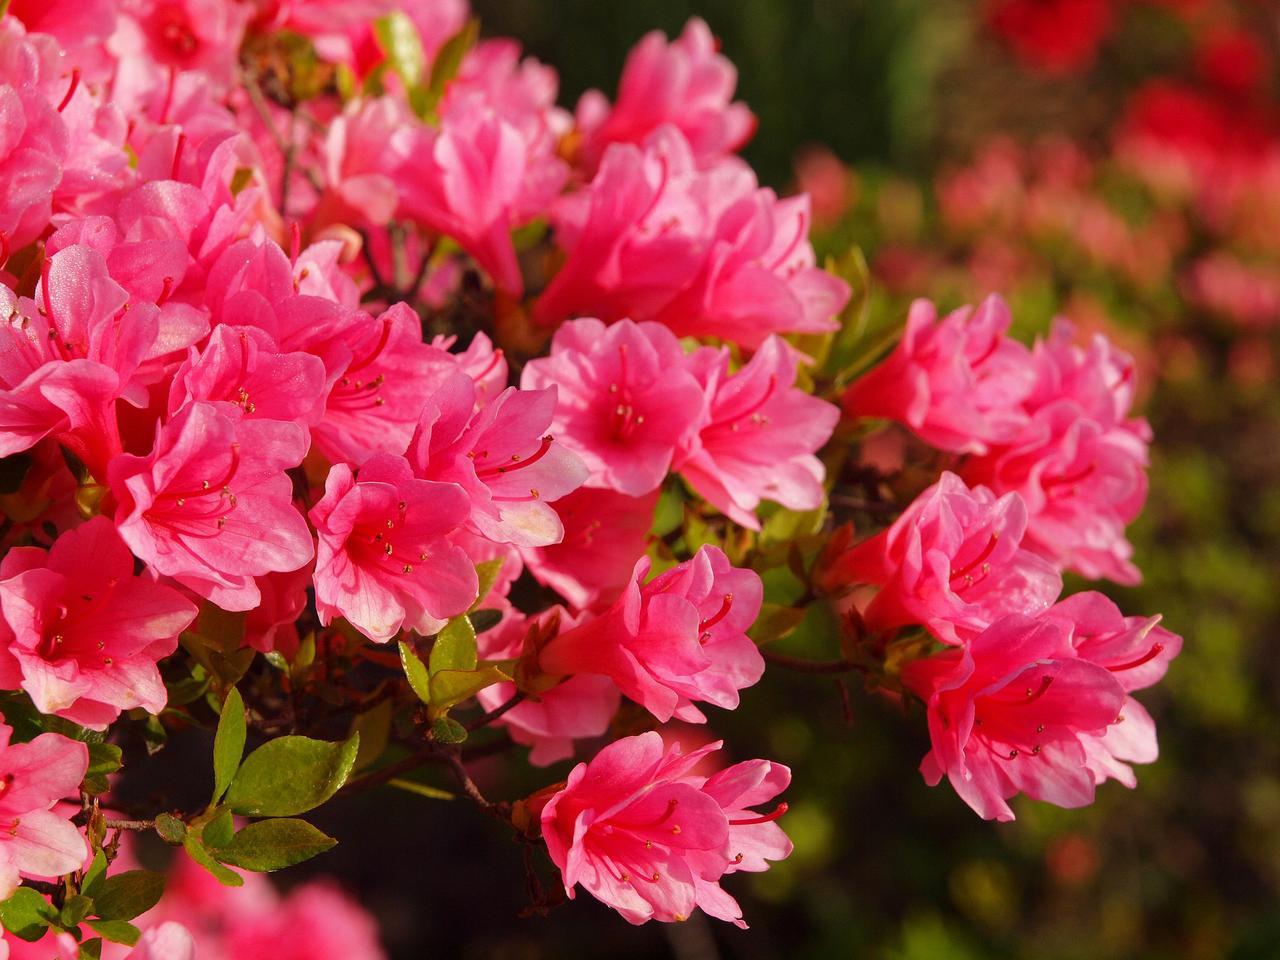 画像: 【関東近郊】花の綺麗な名山5選! 日帰り登山・ハイキングにもおすすめ◎ 気軽にお花畑を楽しもう - ハピキャン|キャンプ・アウトドア情報メディア